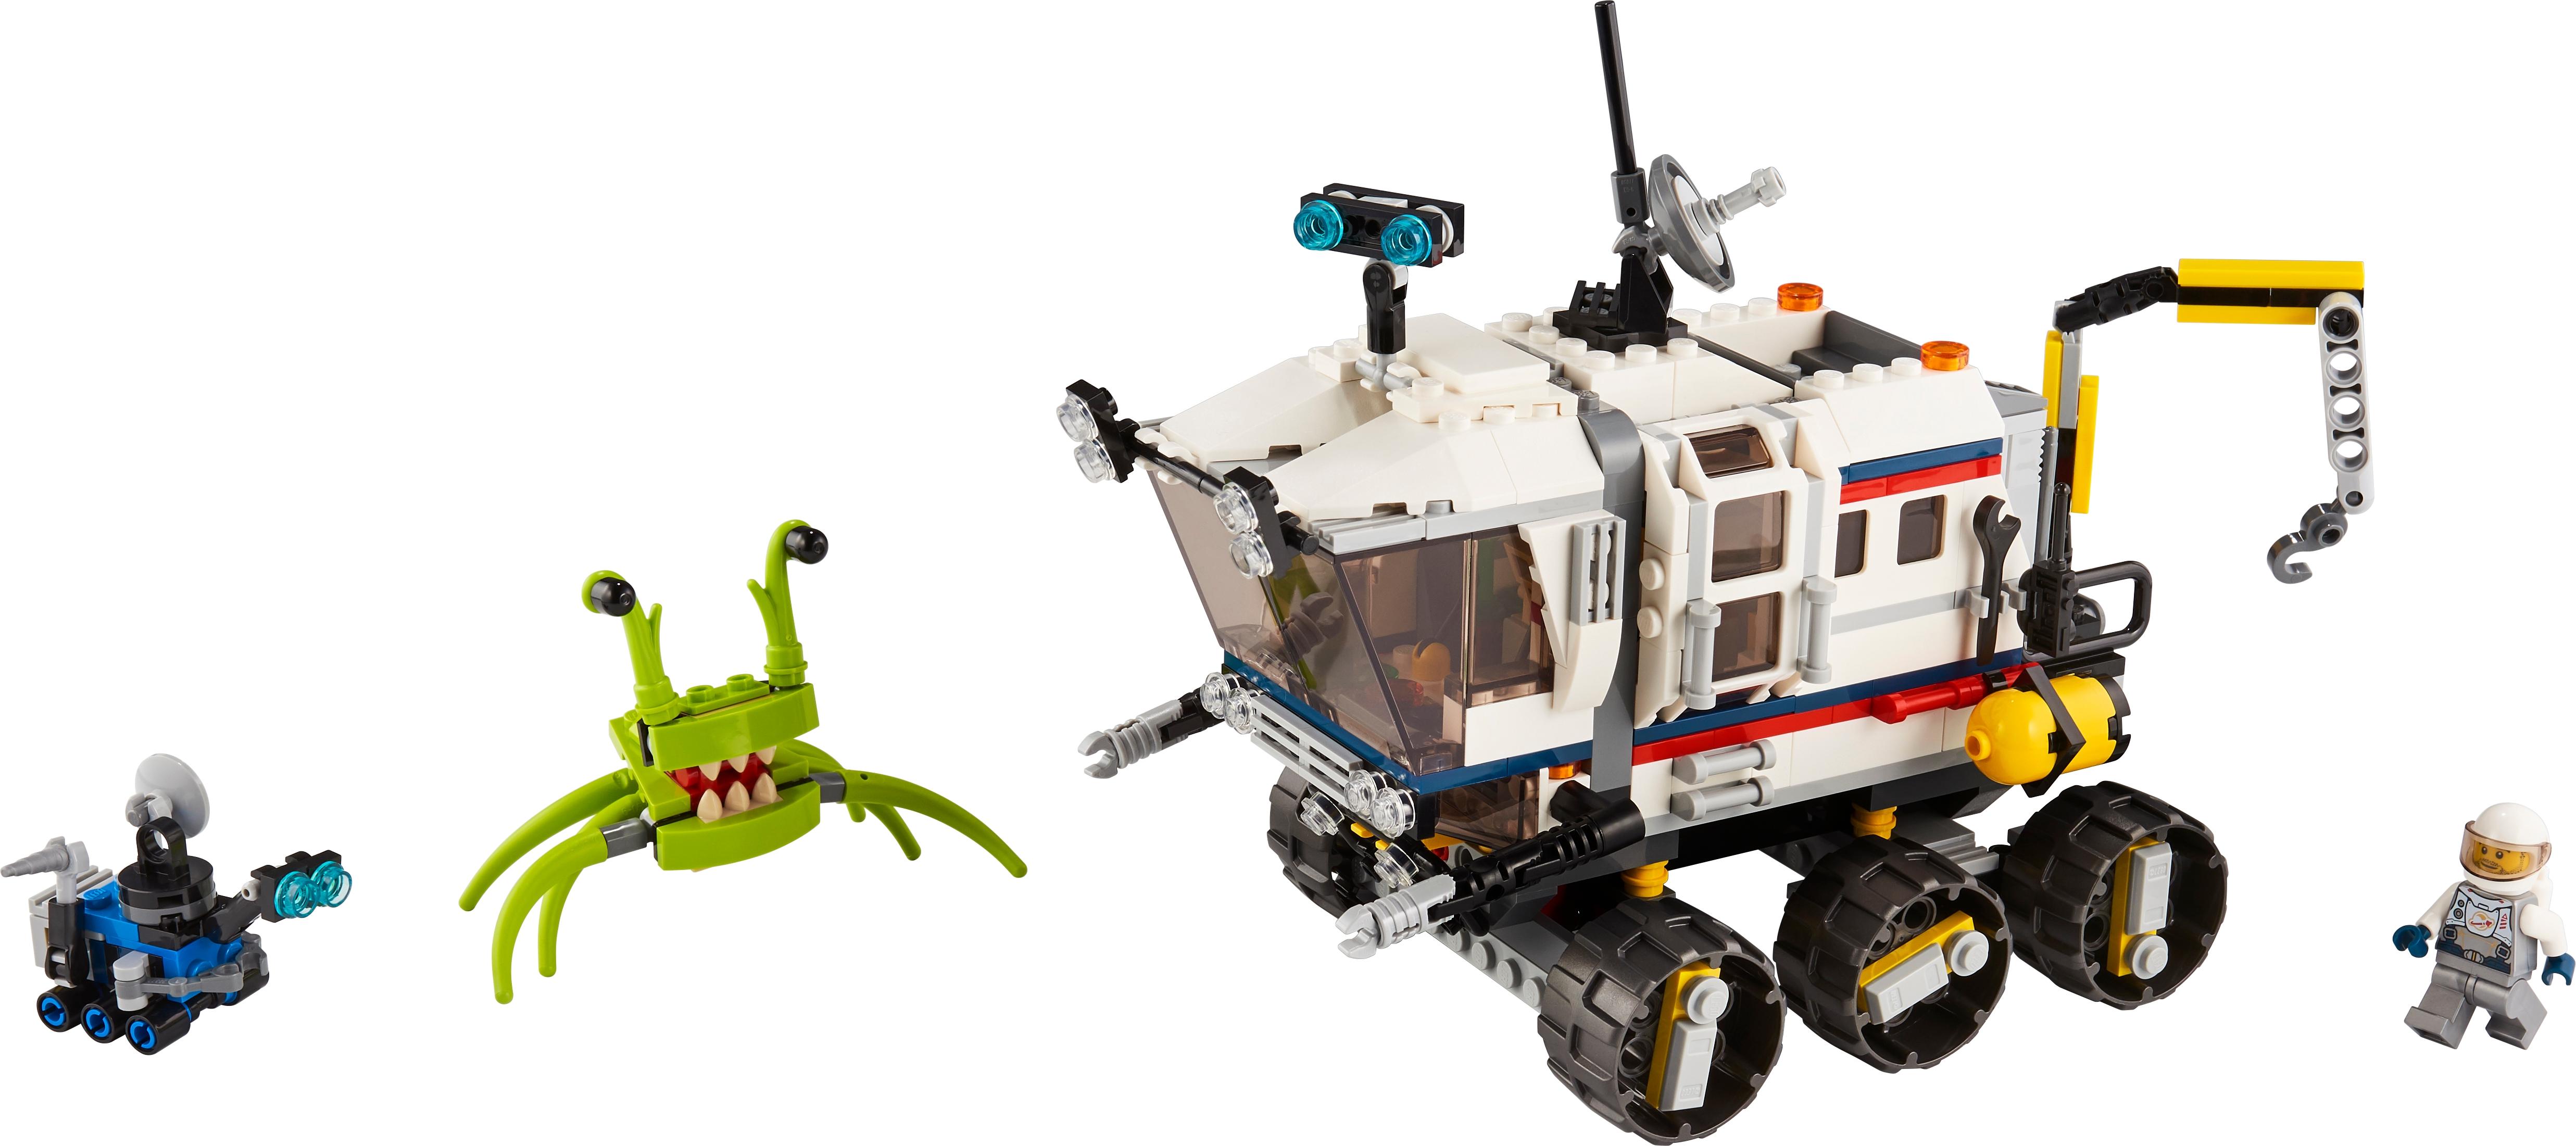 Space Rover Explorer